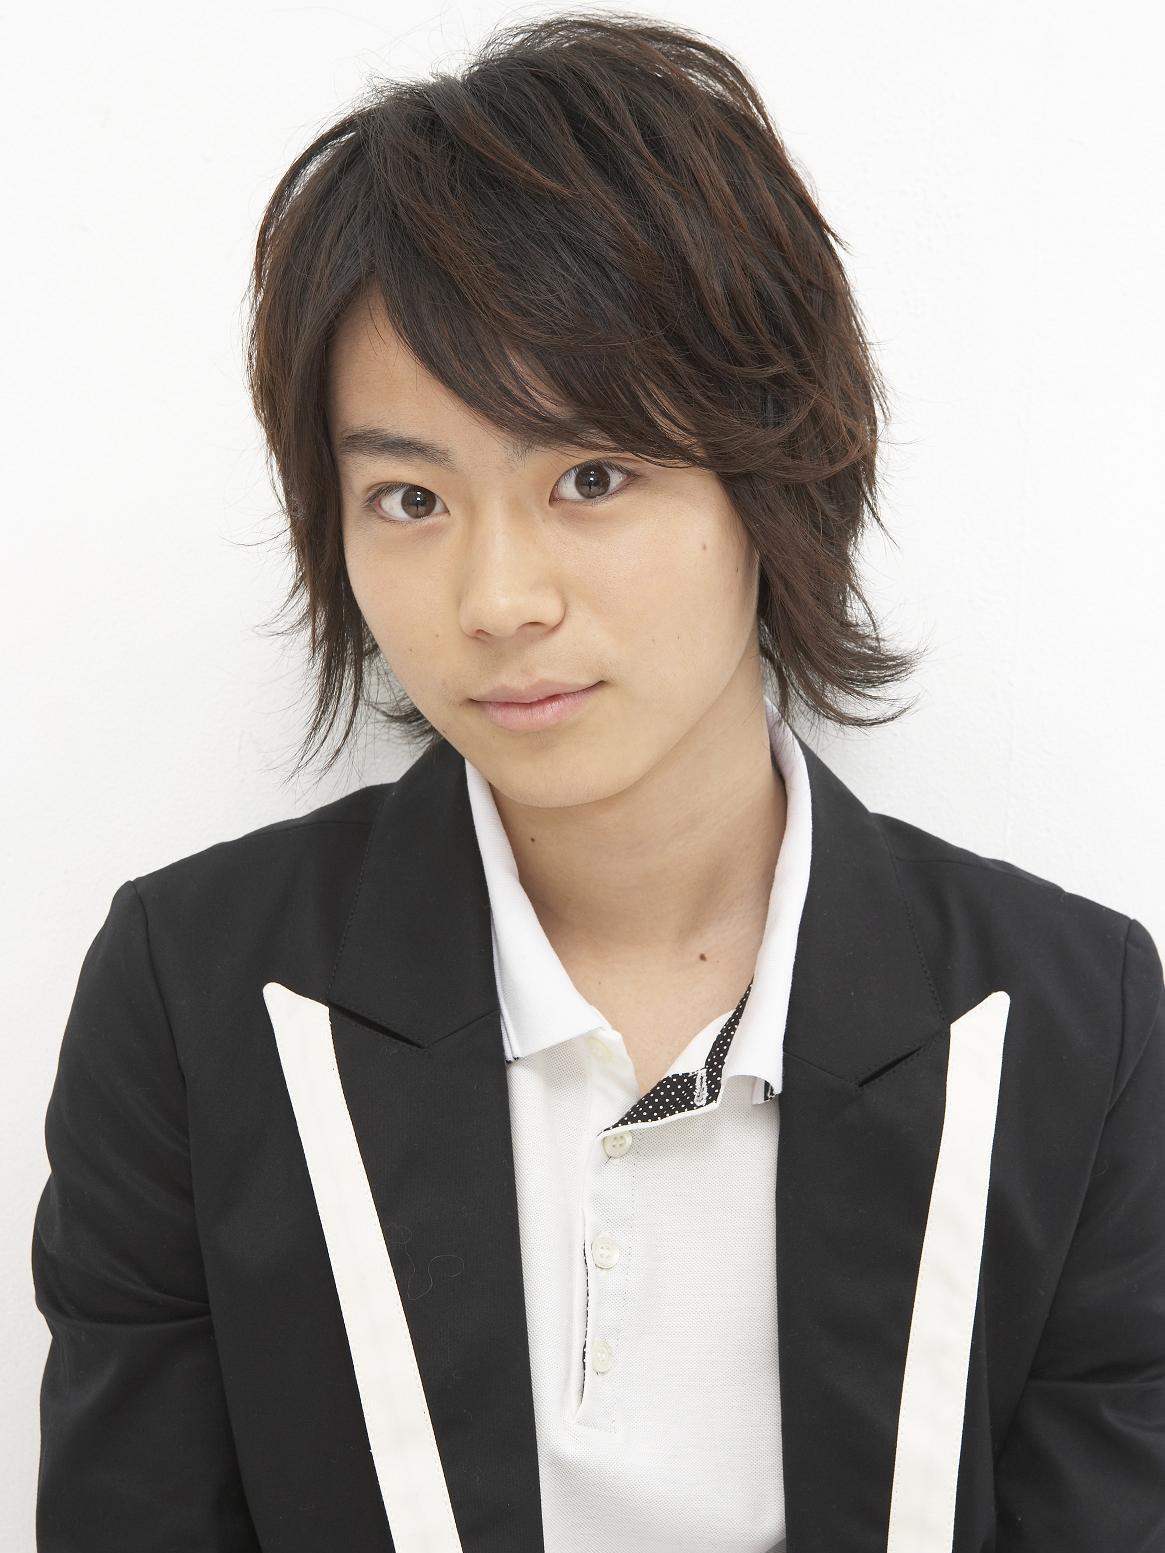 特撮ヒーローで人気者に!注目の若手俳優、菅田将暉の出演映画4選。のサムネイル画像